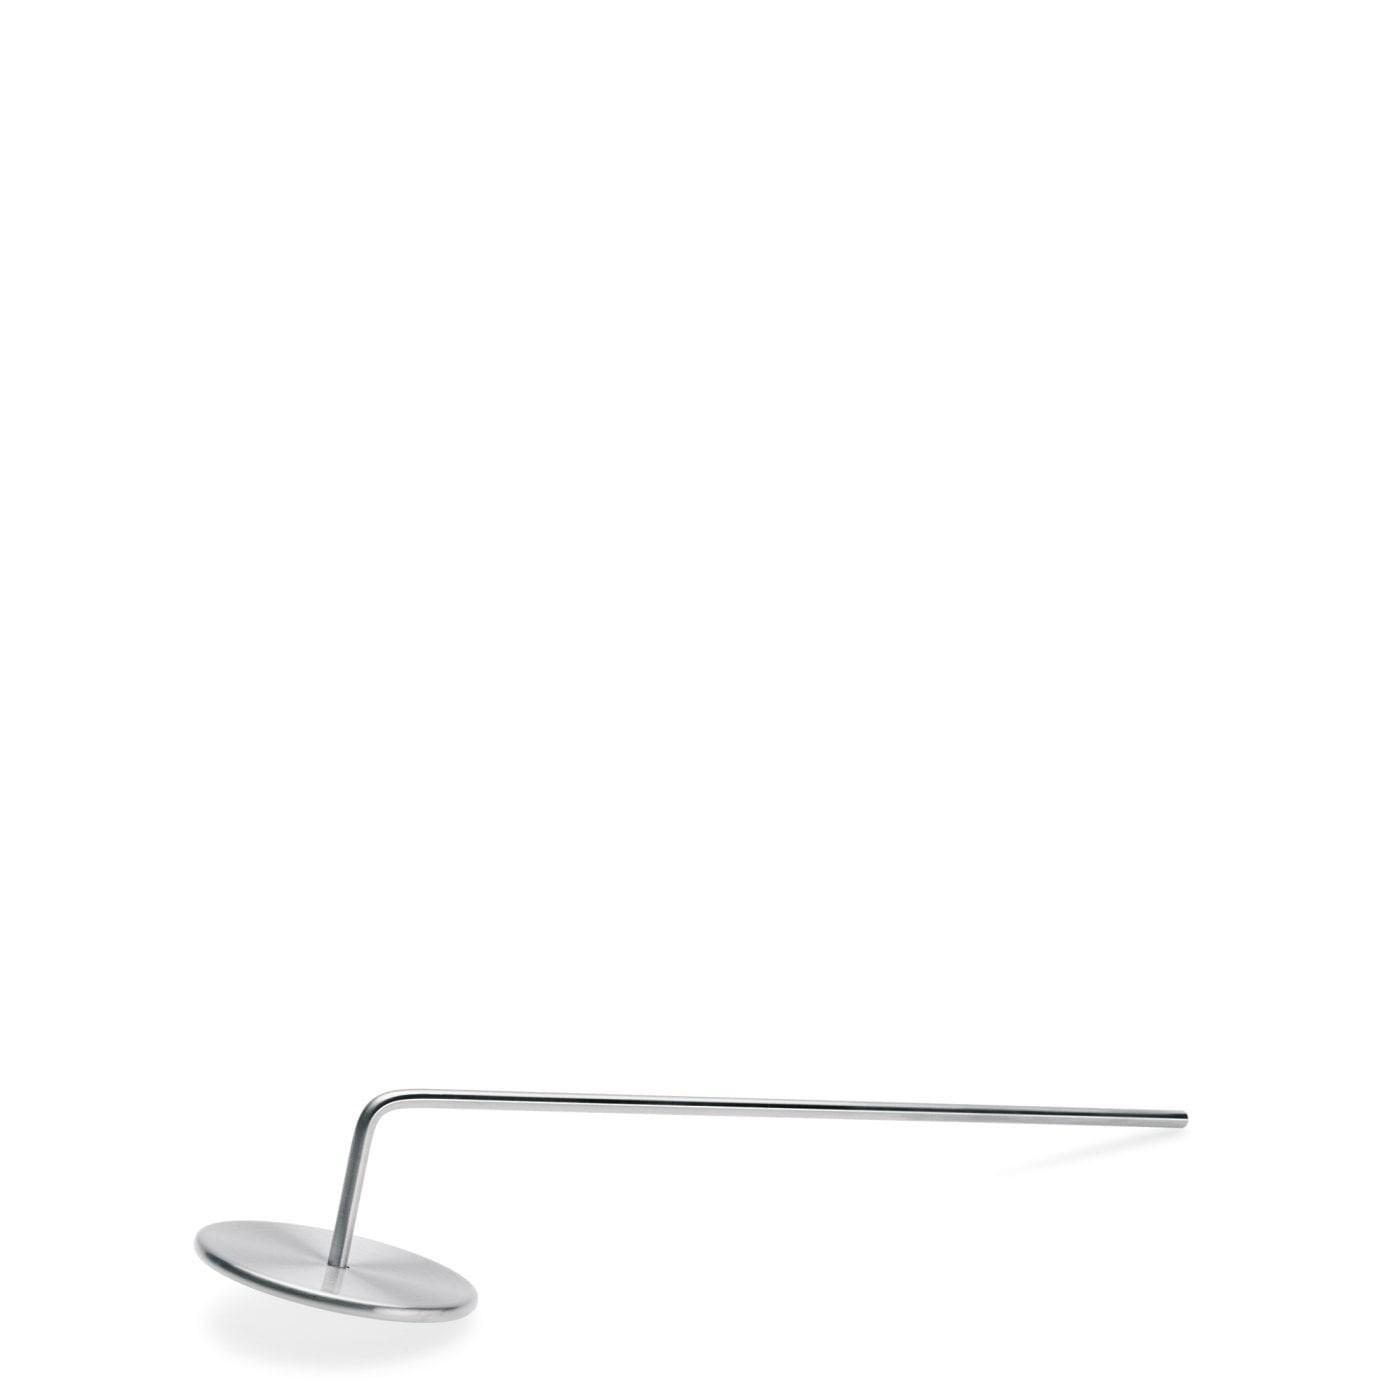 Obrázek z Venkovní gelový svícen LUNA+zhášedlo